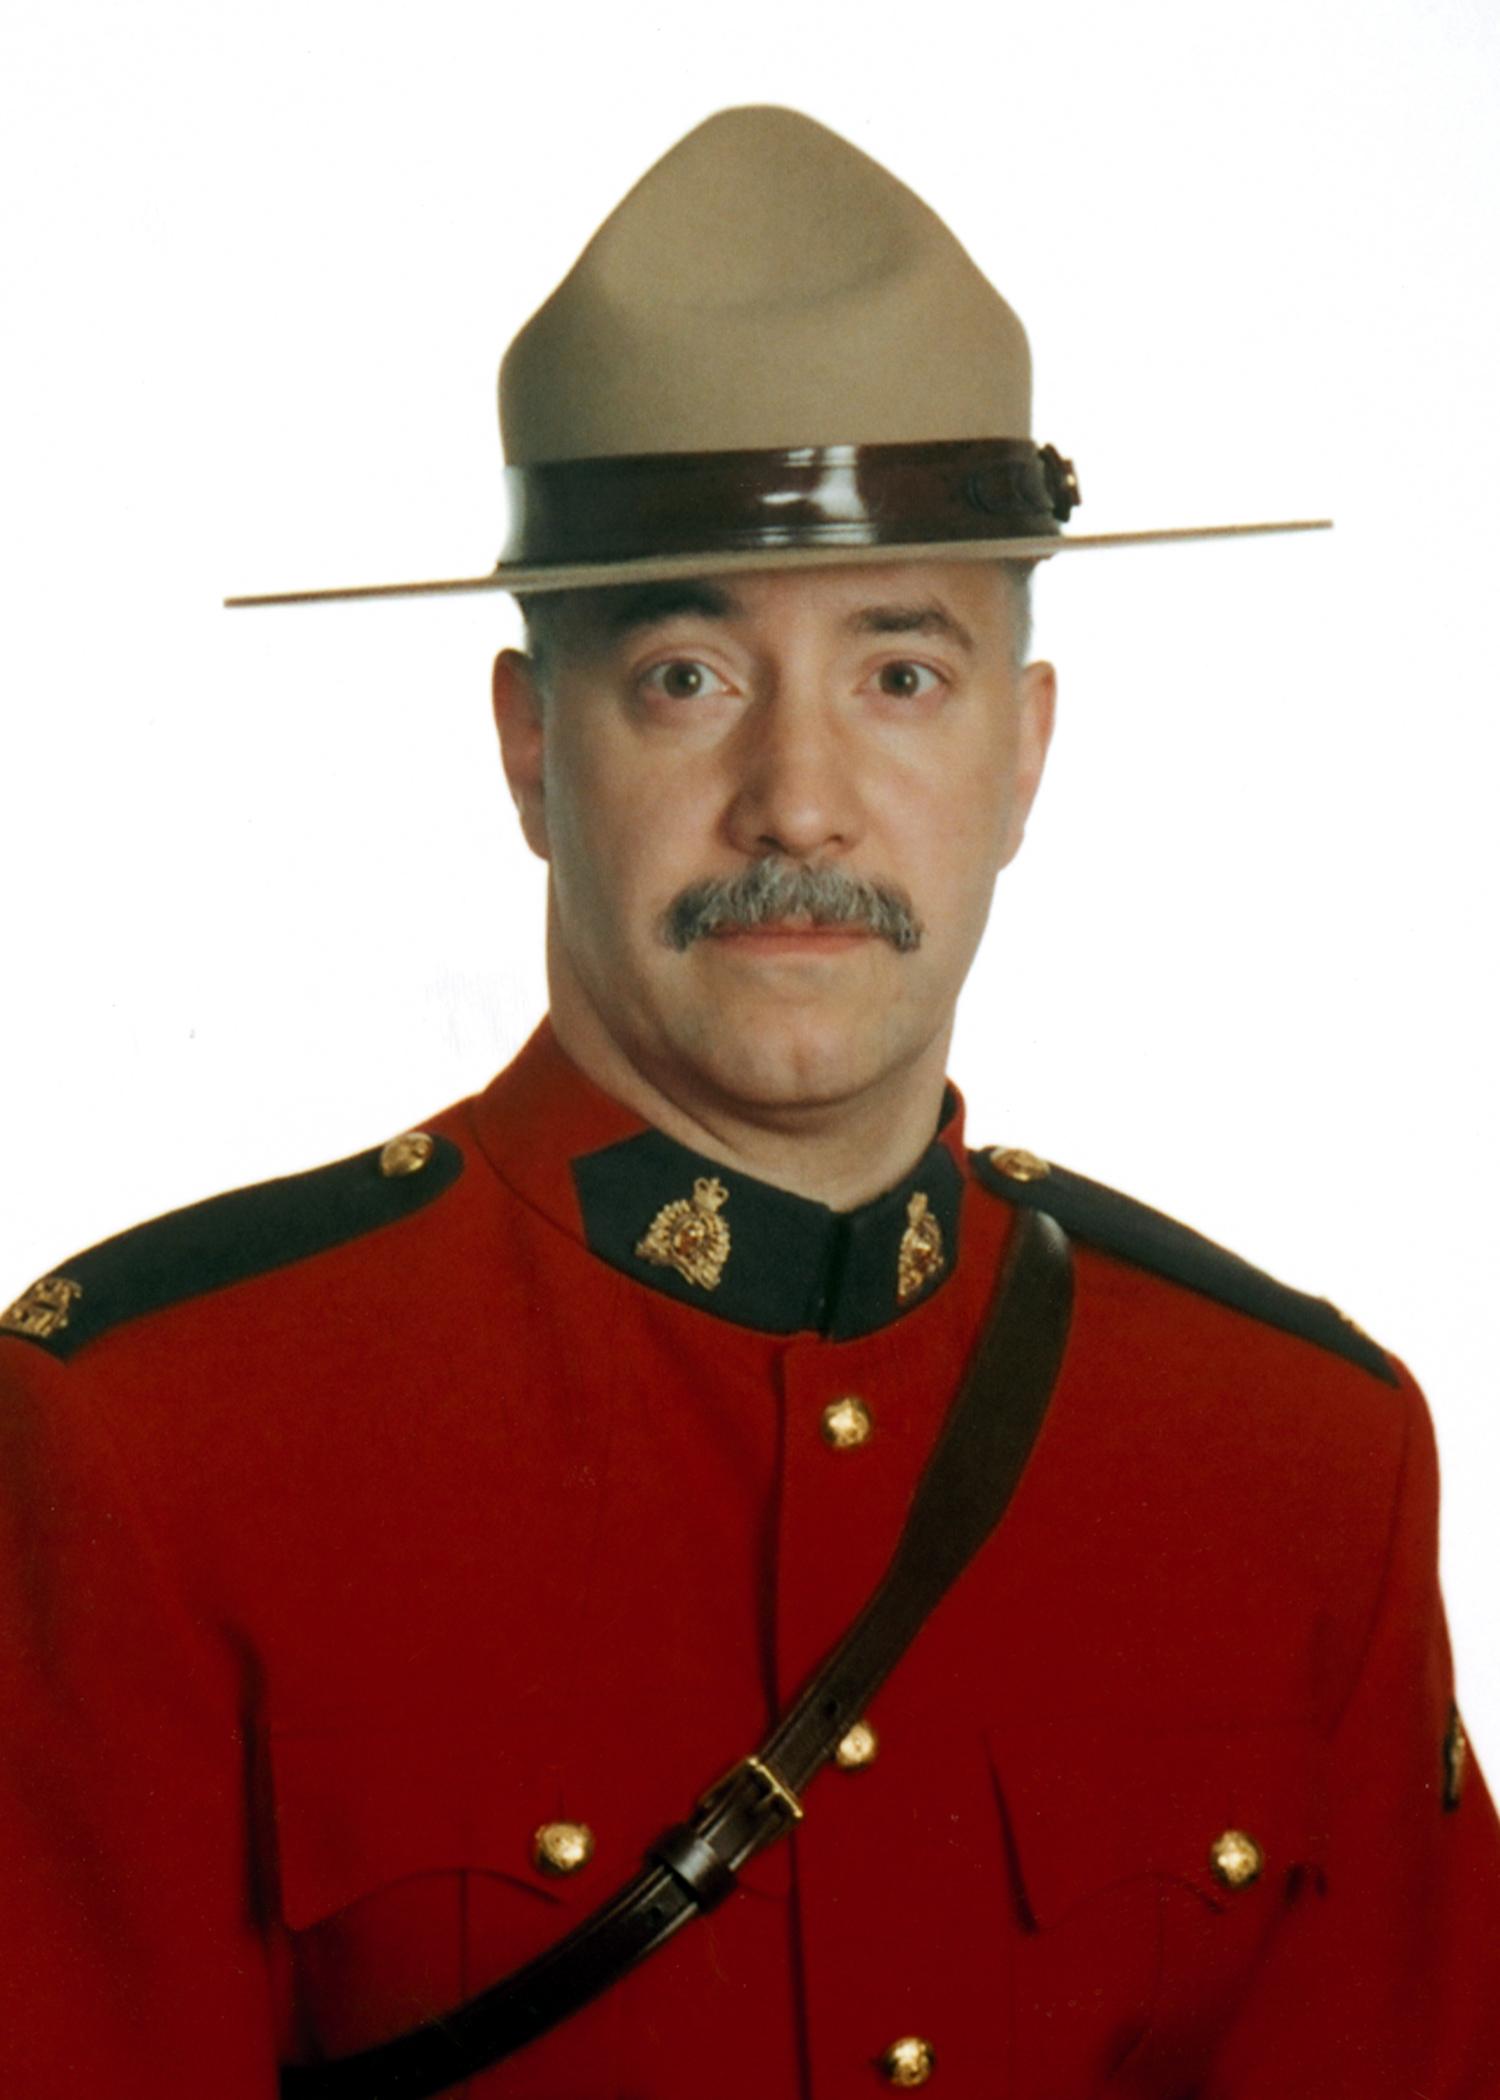 Gendarme José Manuel Agostinho – © Sa Majesté la Reine du chef du Canada représentée par la Gendarmerie royale du Canada